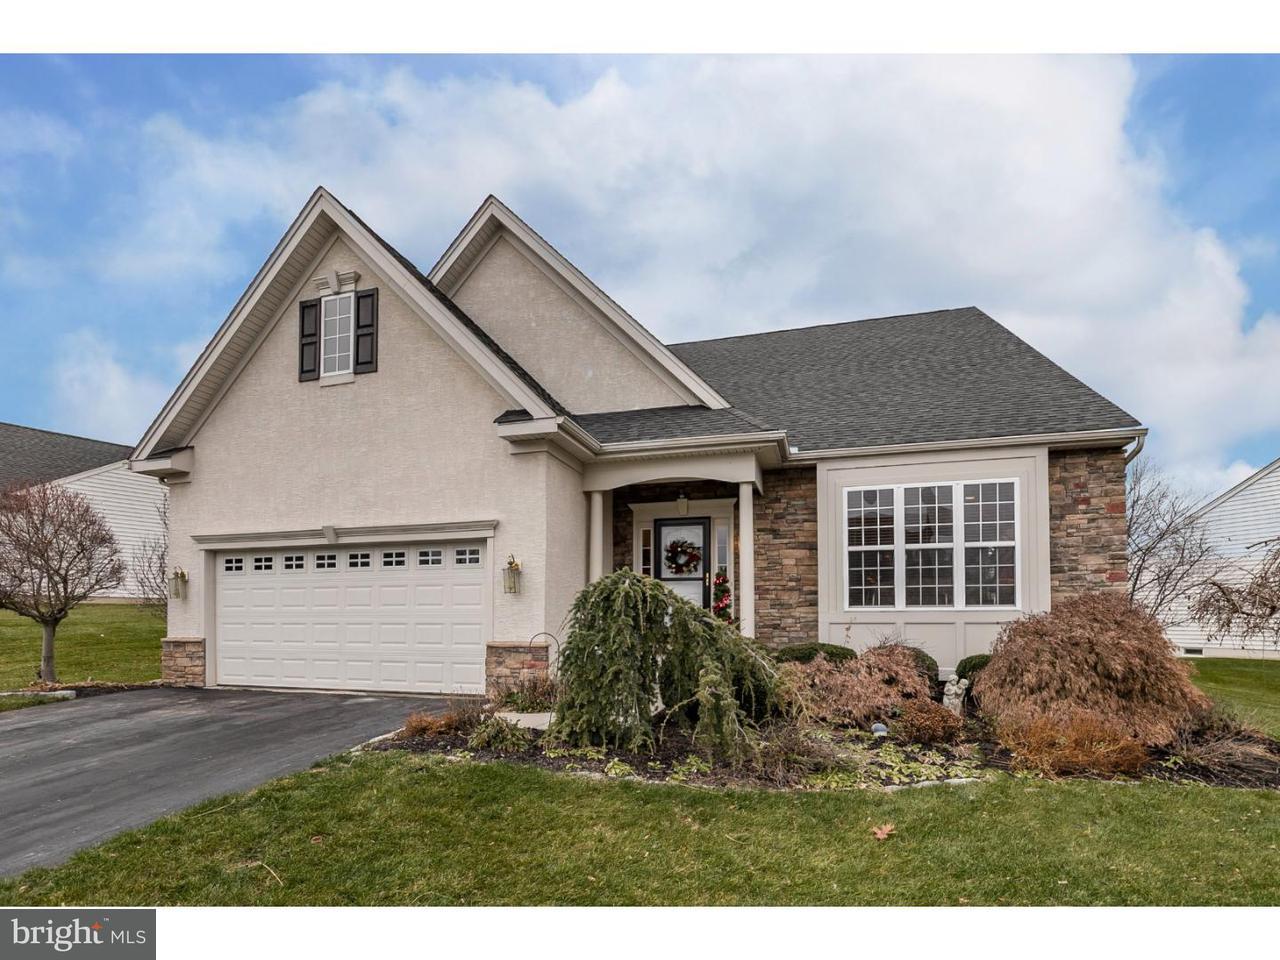 独户住宅 为 销售 在 19 PAR Circle Limerick, 宾夕法尼亚州 19464 美国